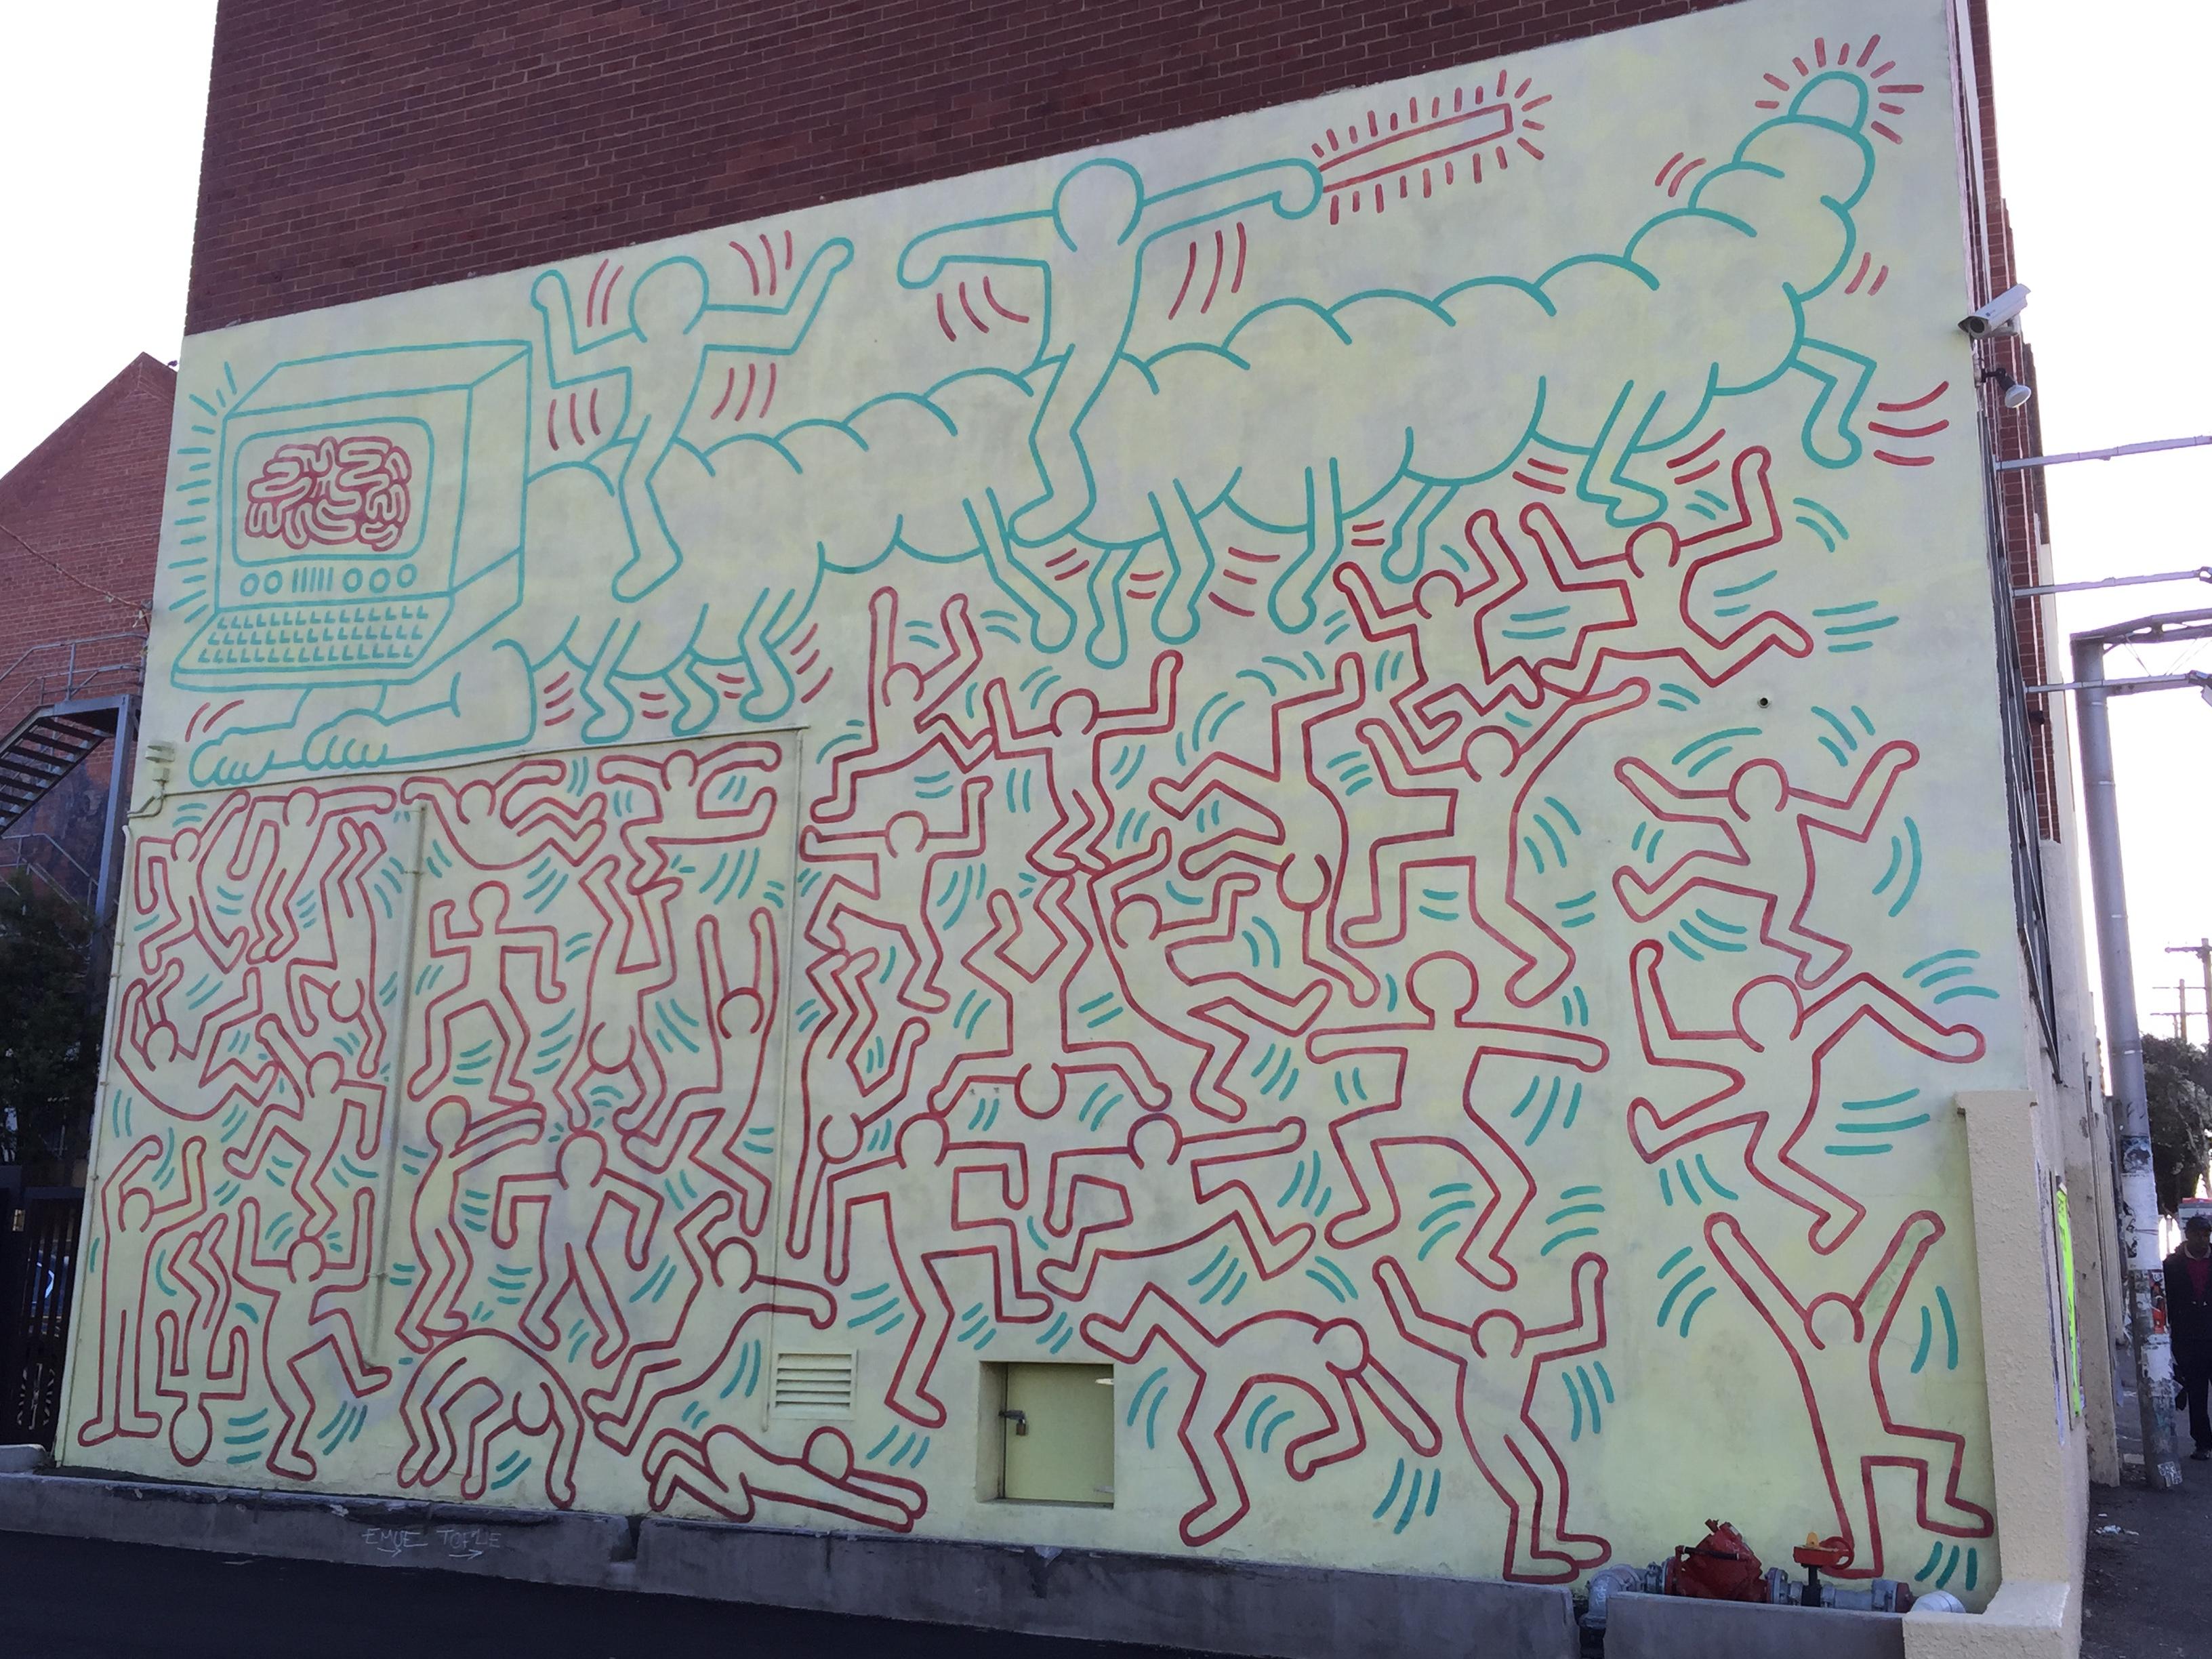 Mural von Keith Haring erstellt 1984 in Melbourne, Australien (???)